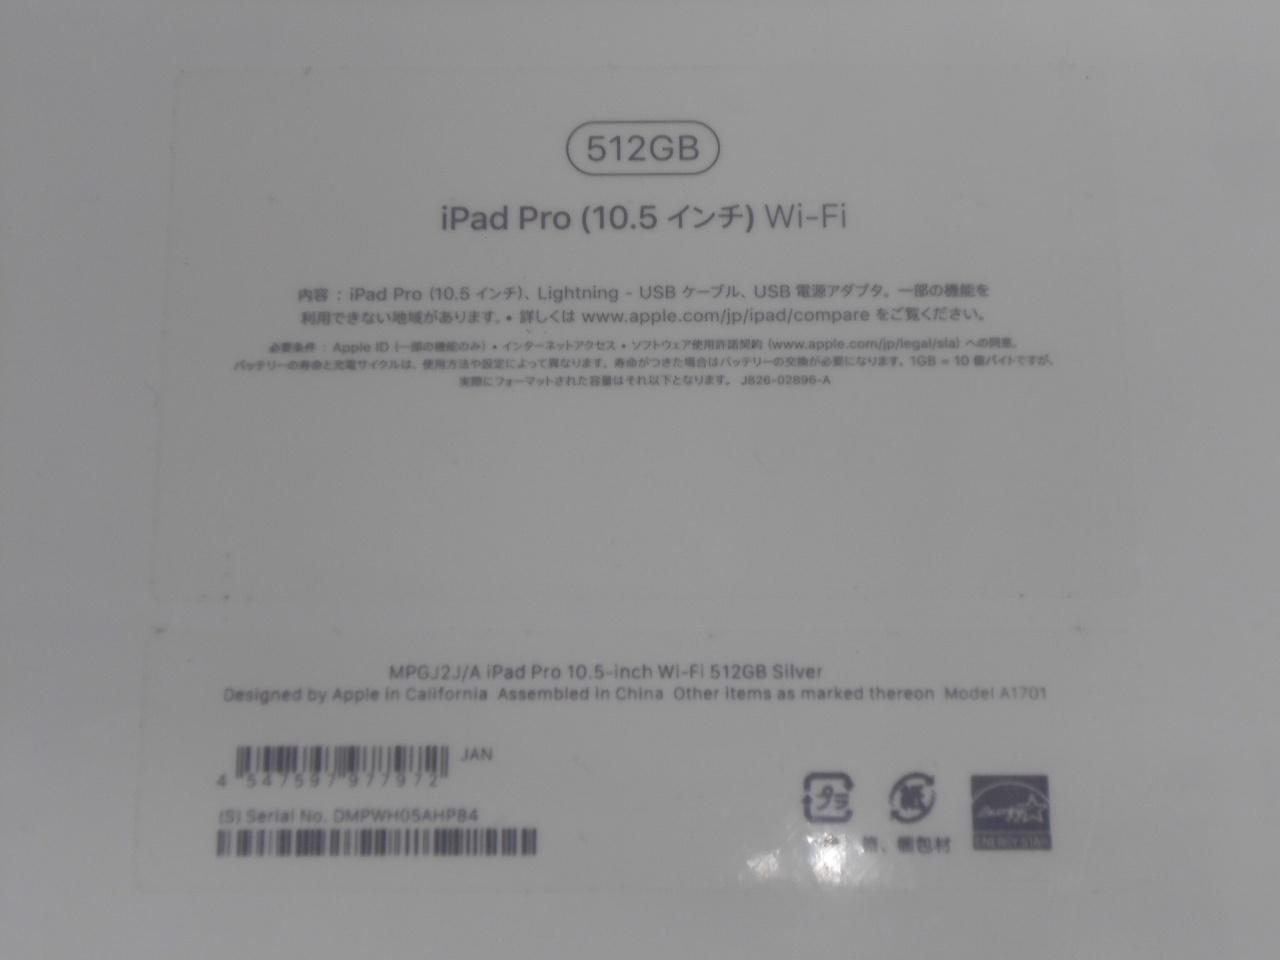 【新品未使用品】Apple iPadPro MPGJ2J/A 10.5インチ Wi-Fi 512GB シルバー/2017年モデル/iOS10【1ヶ月保証】【足立店発送】